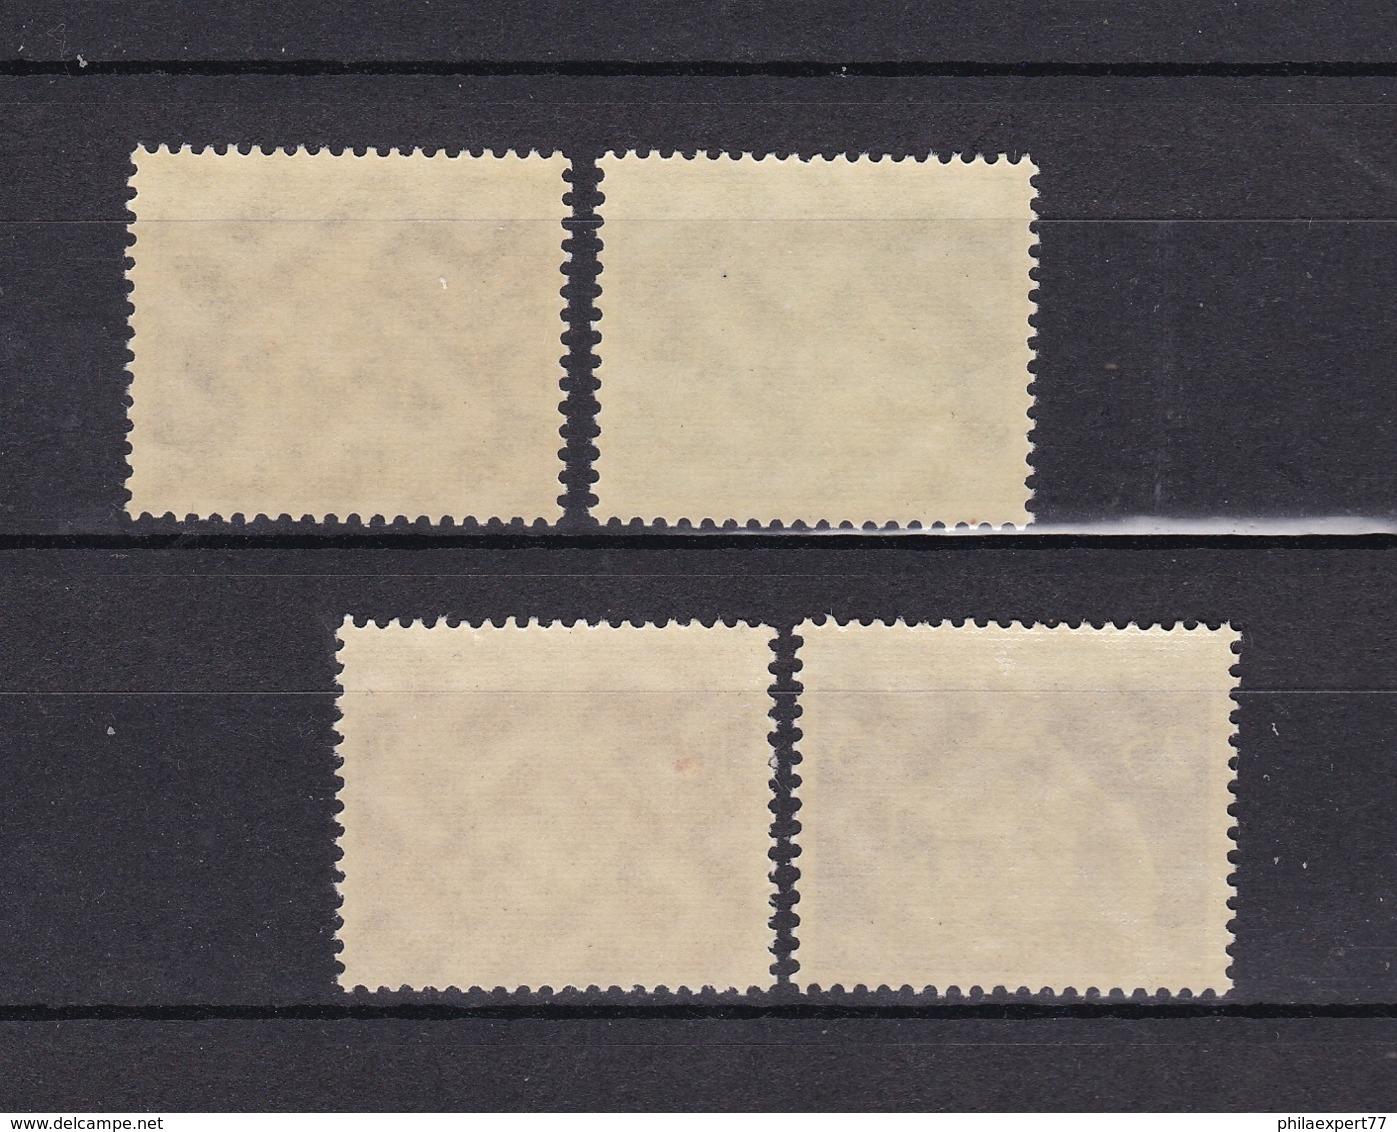 Deutsches Reich - 1936 - Michel Nr. 617/620 - Postfrisch - 20 Euro - Germany